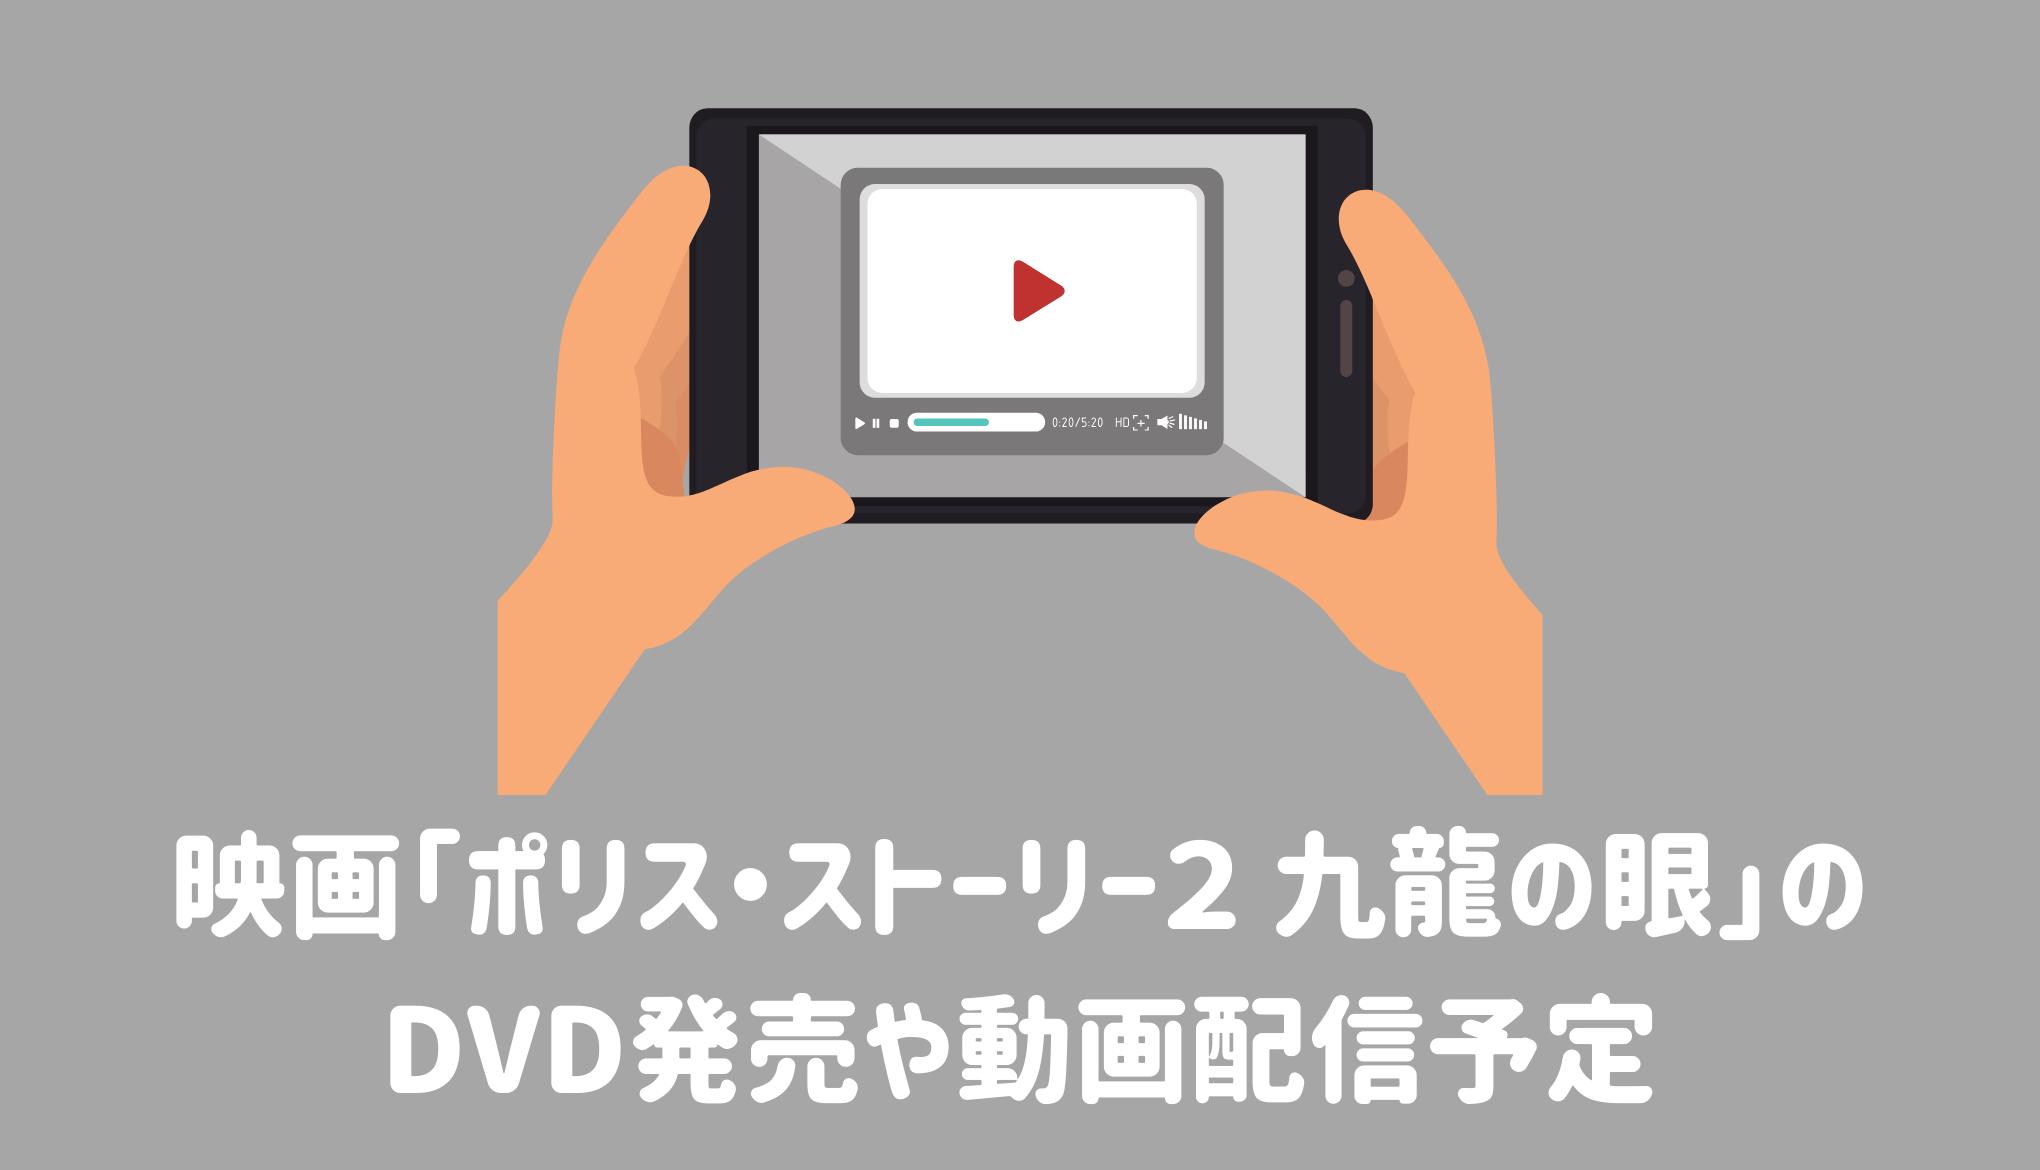 映画「ポリス・ストーリー2 九龍の眼」のDVD発売や動画配信サービスをチェック